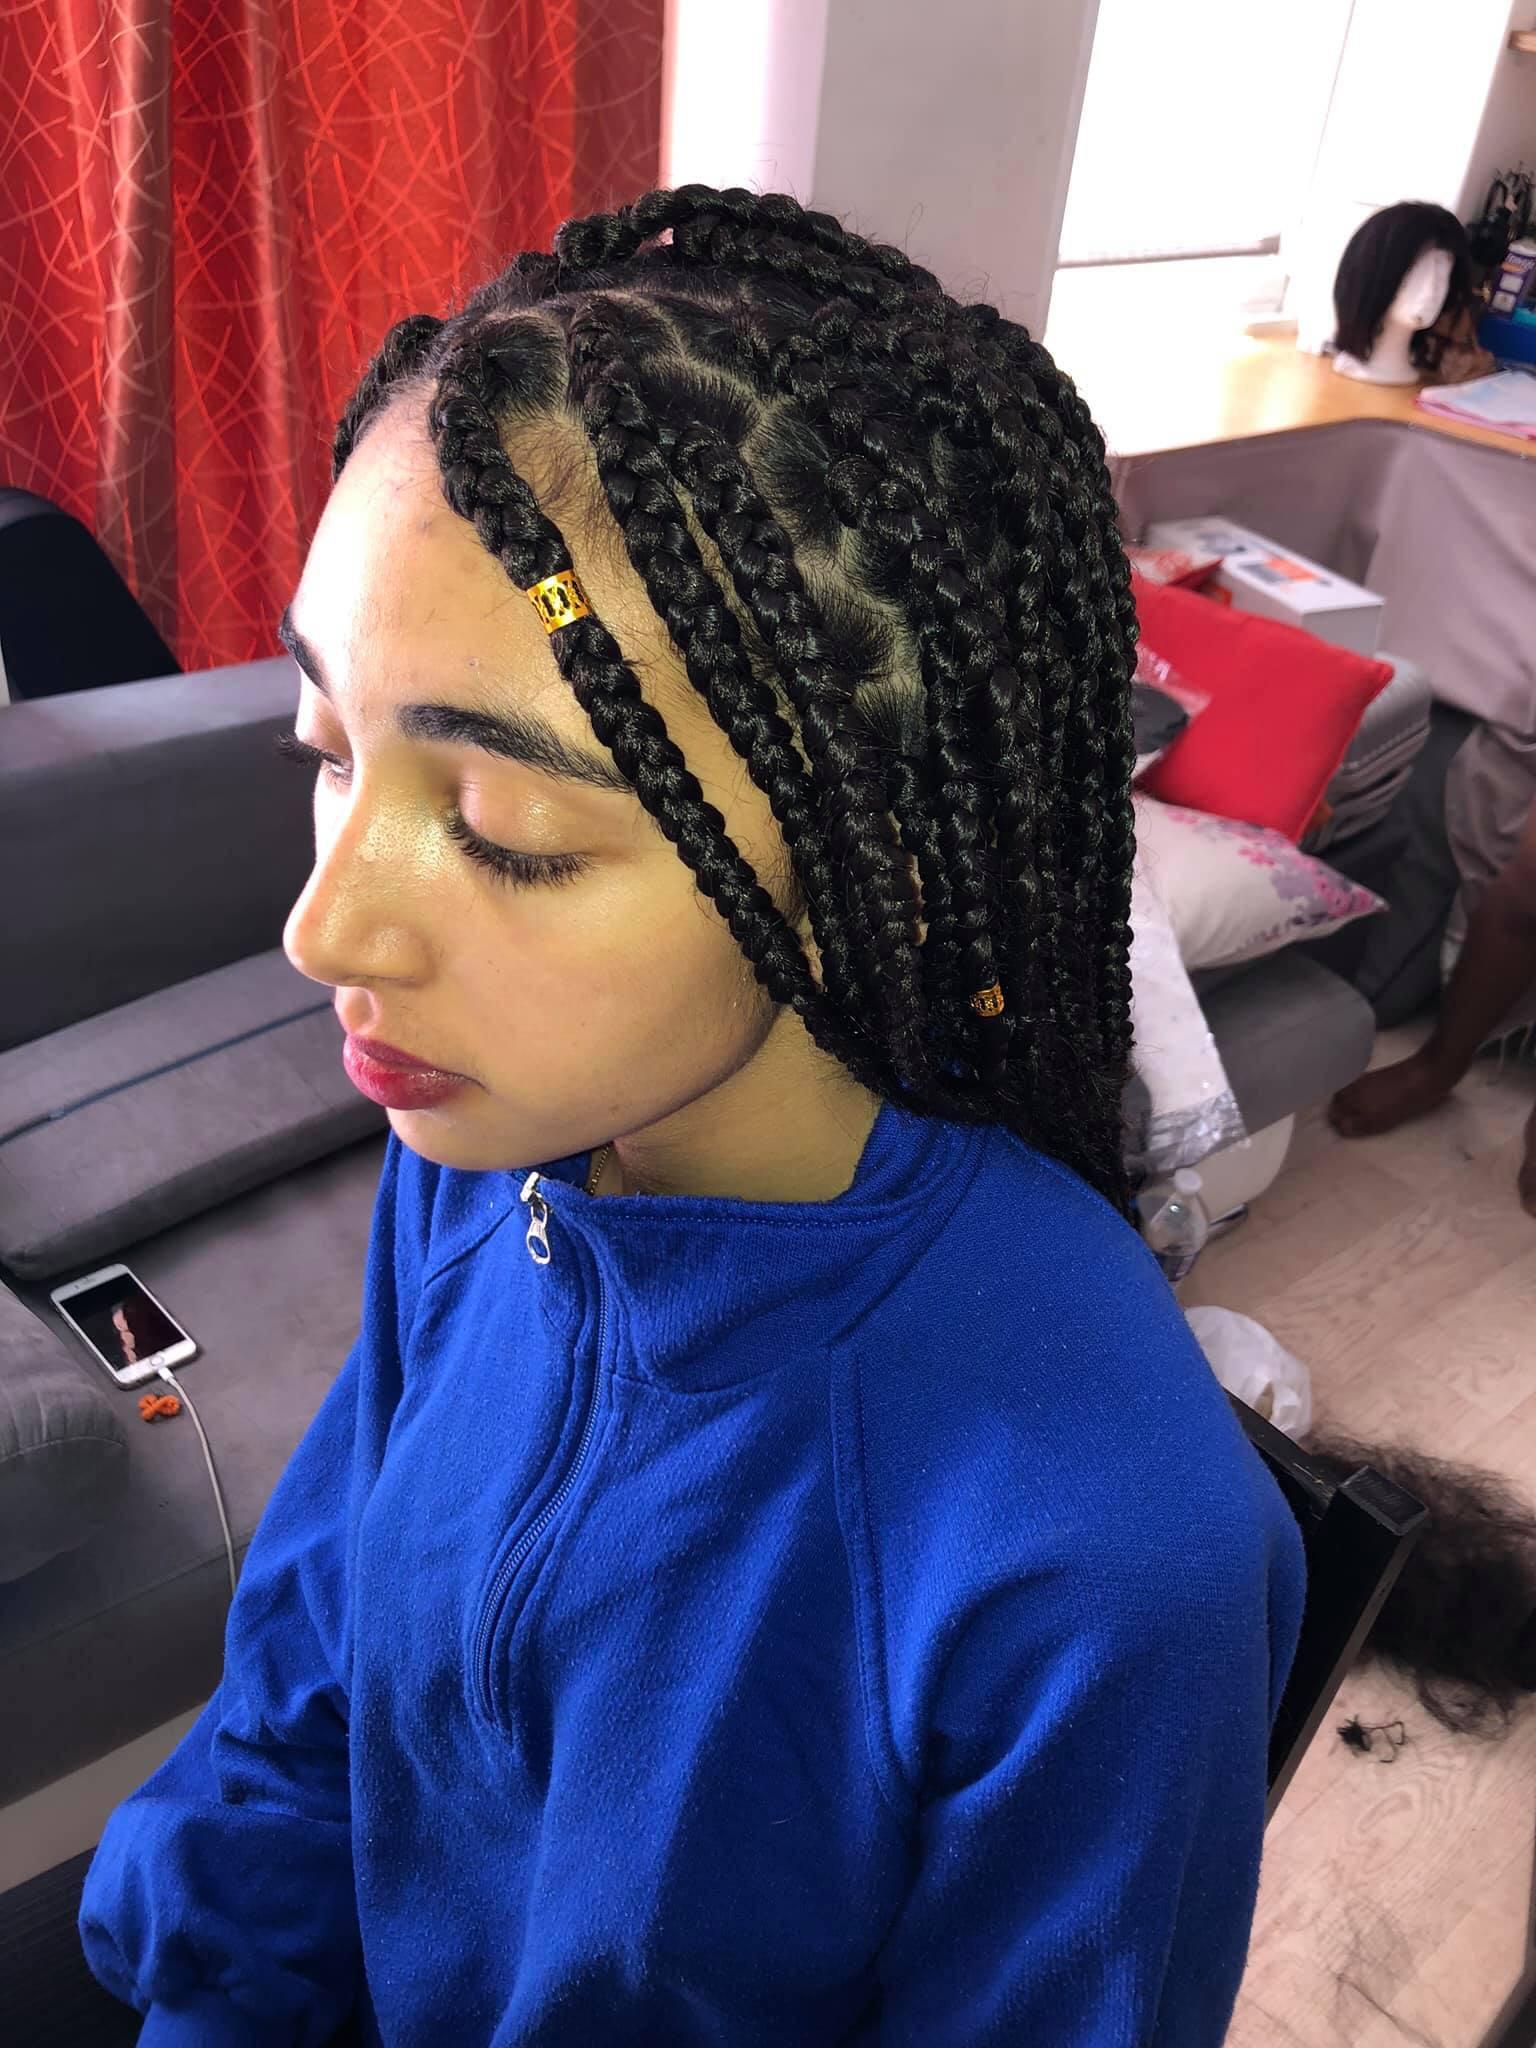 salon de coiffure afro tresse tresses box braids crochet braids vanilles tissages paris 75 77 78 91 92 93 94 95 SXLUXWFX